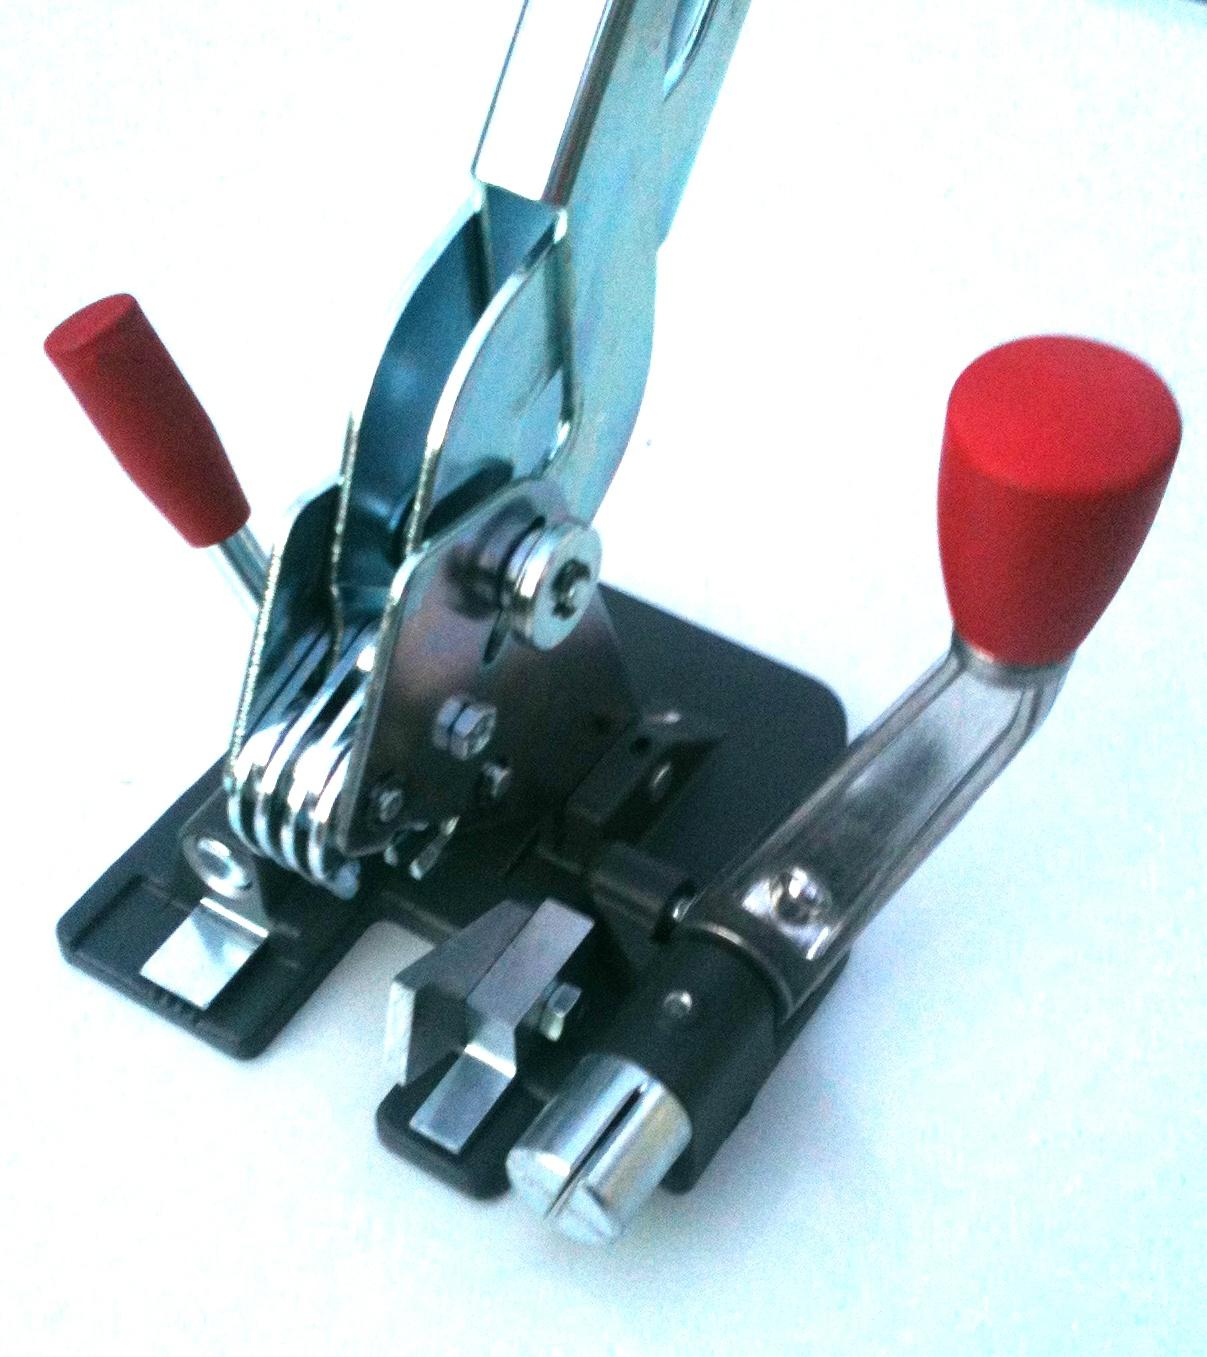 tendireggia manuale per reggetta in plastica da 12 e 15 mm